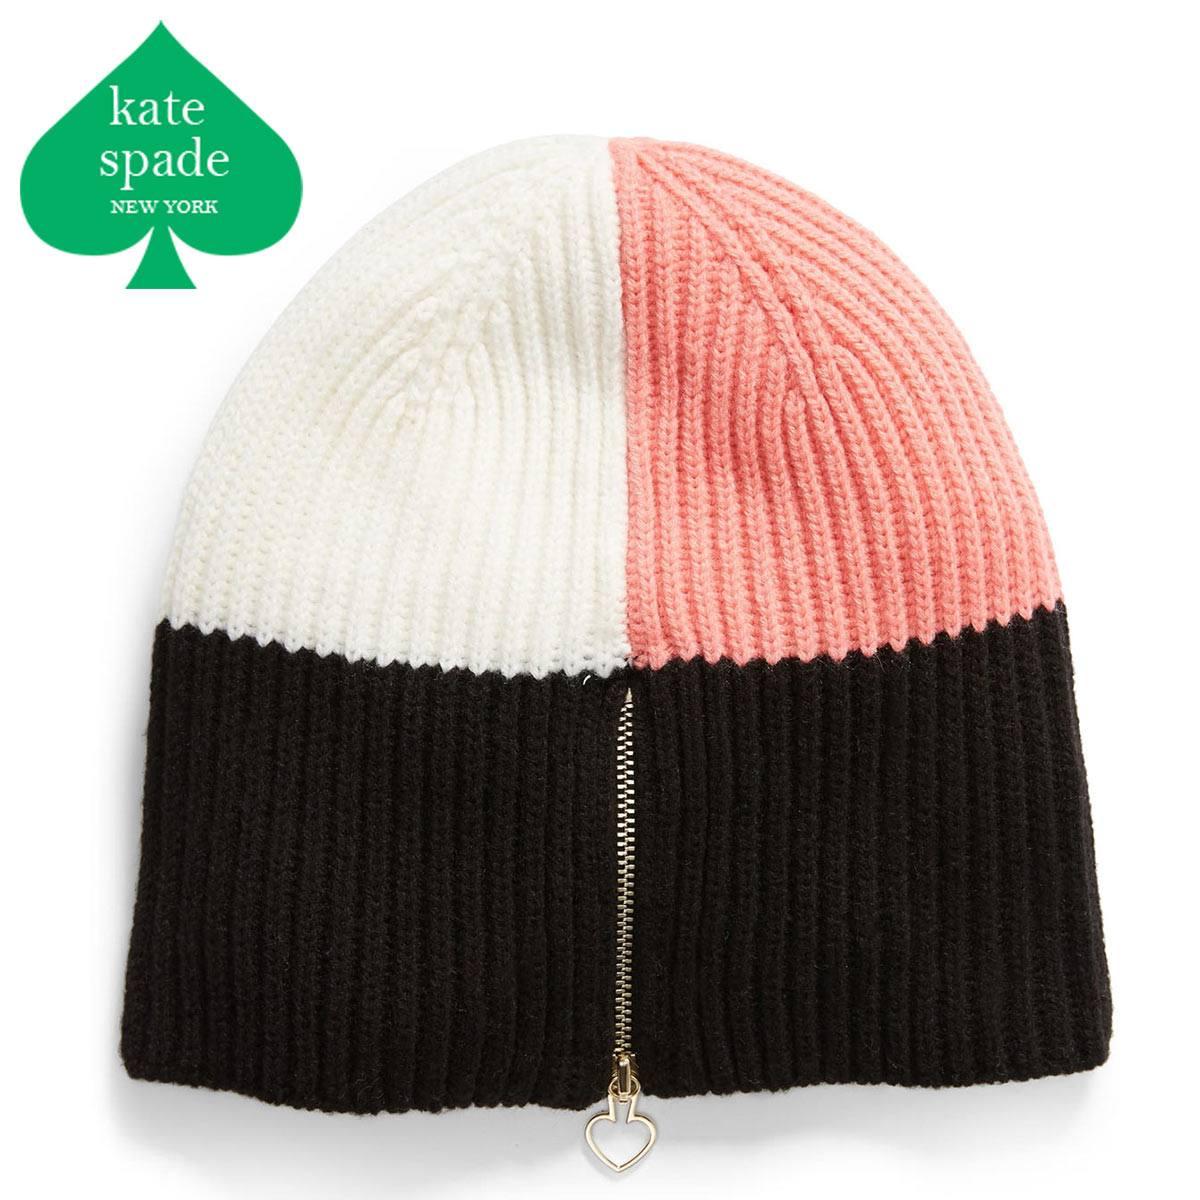 ケイトスペード ニット帽 ブランド レディース ビーニー ビーニー帽 ニット ニット帽子 KATE SPADE NEW YORK